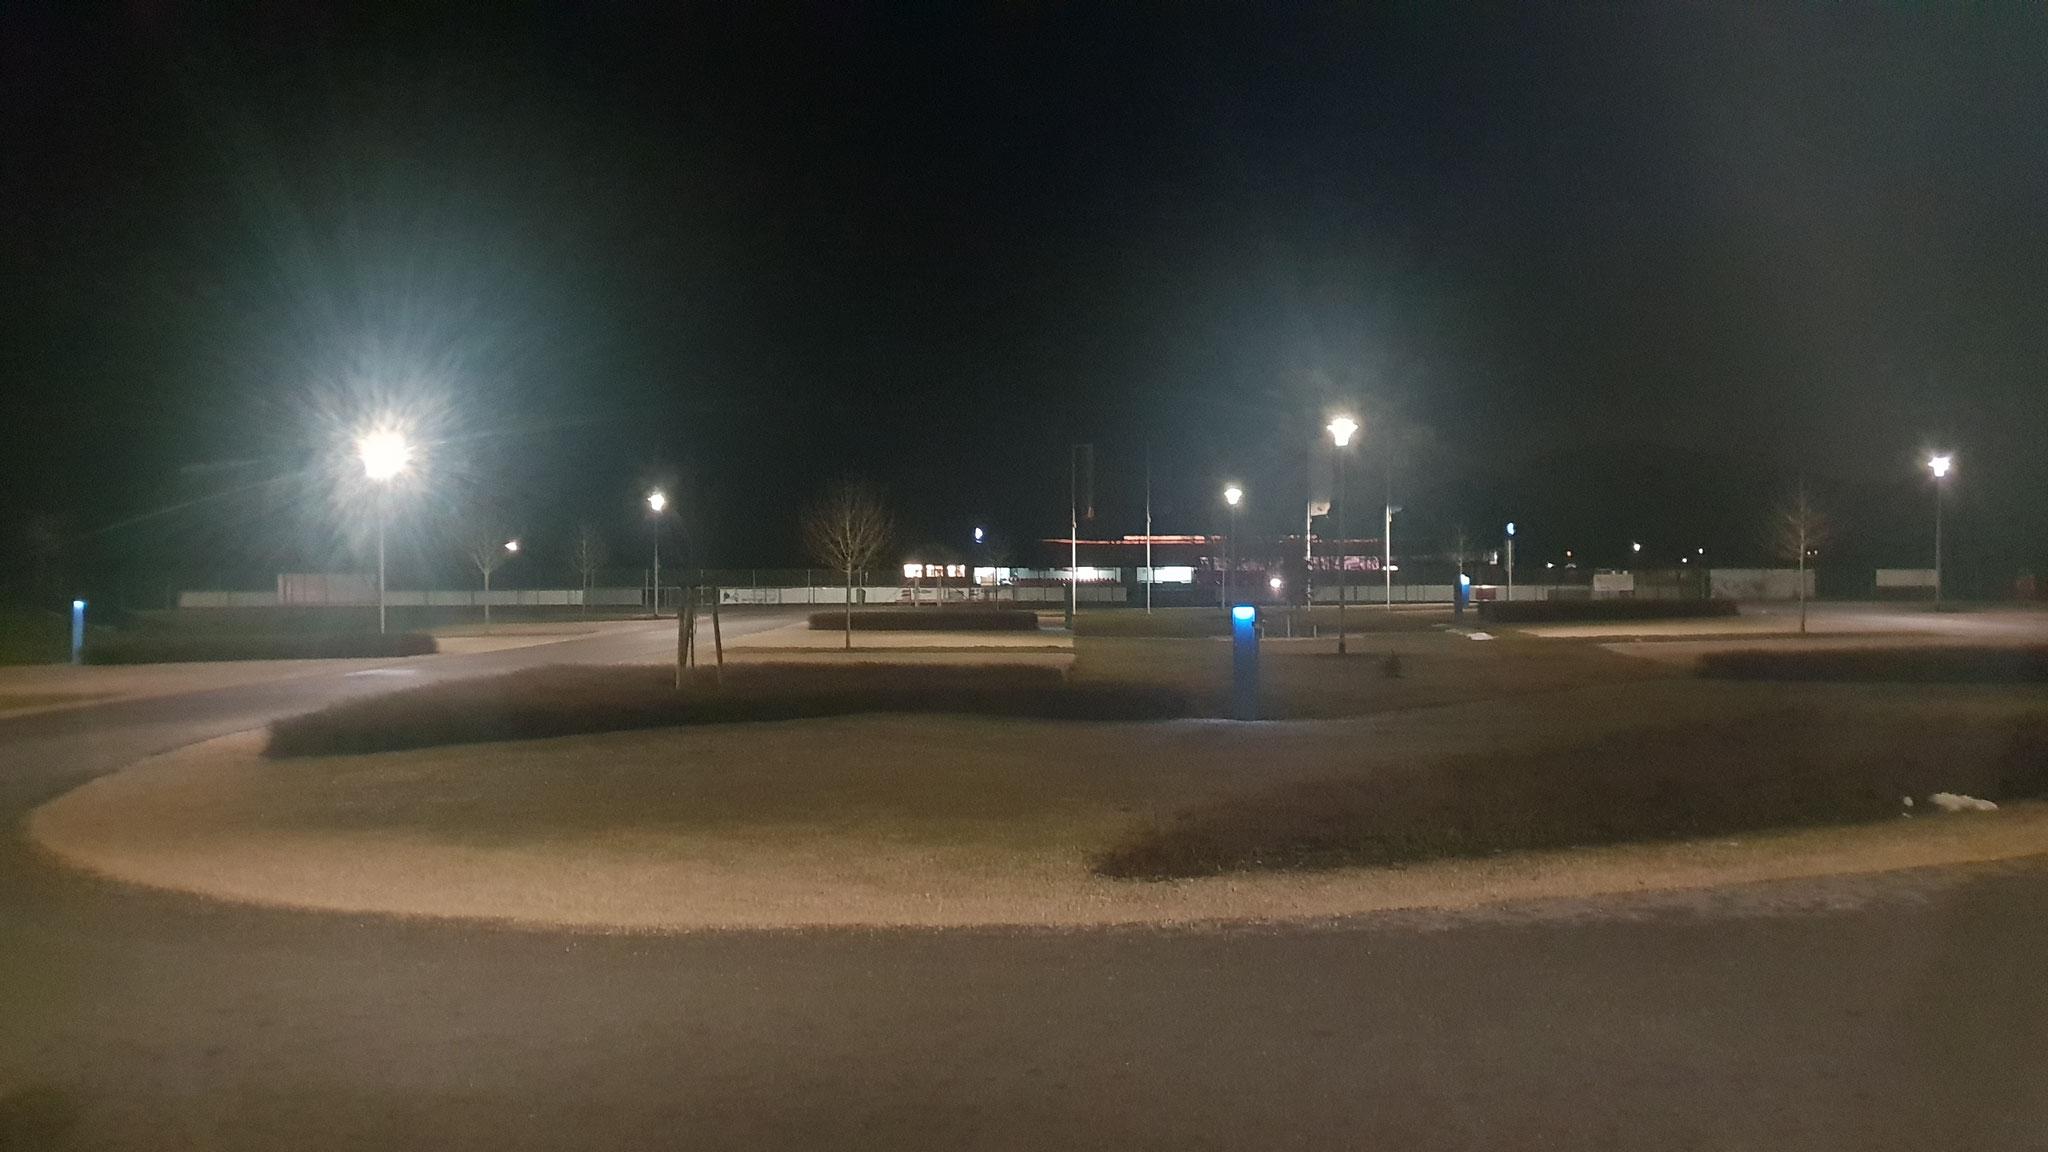 Abends sind wir wieder alleine auf dem Platz